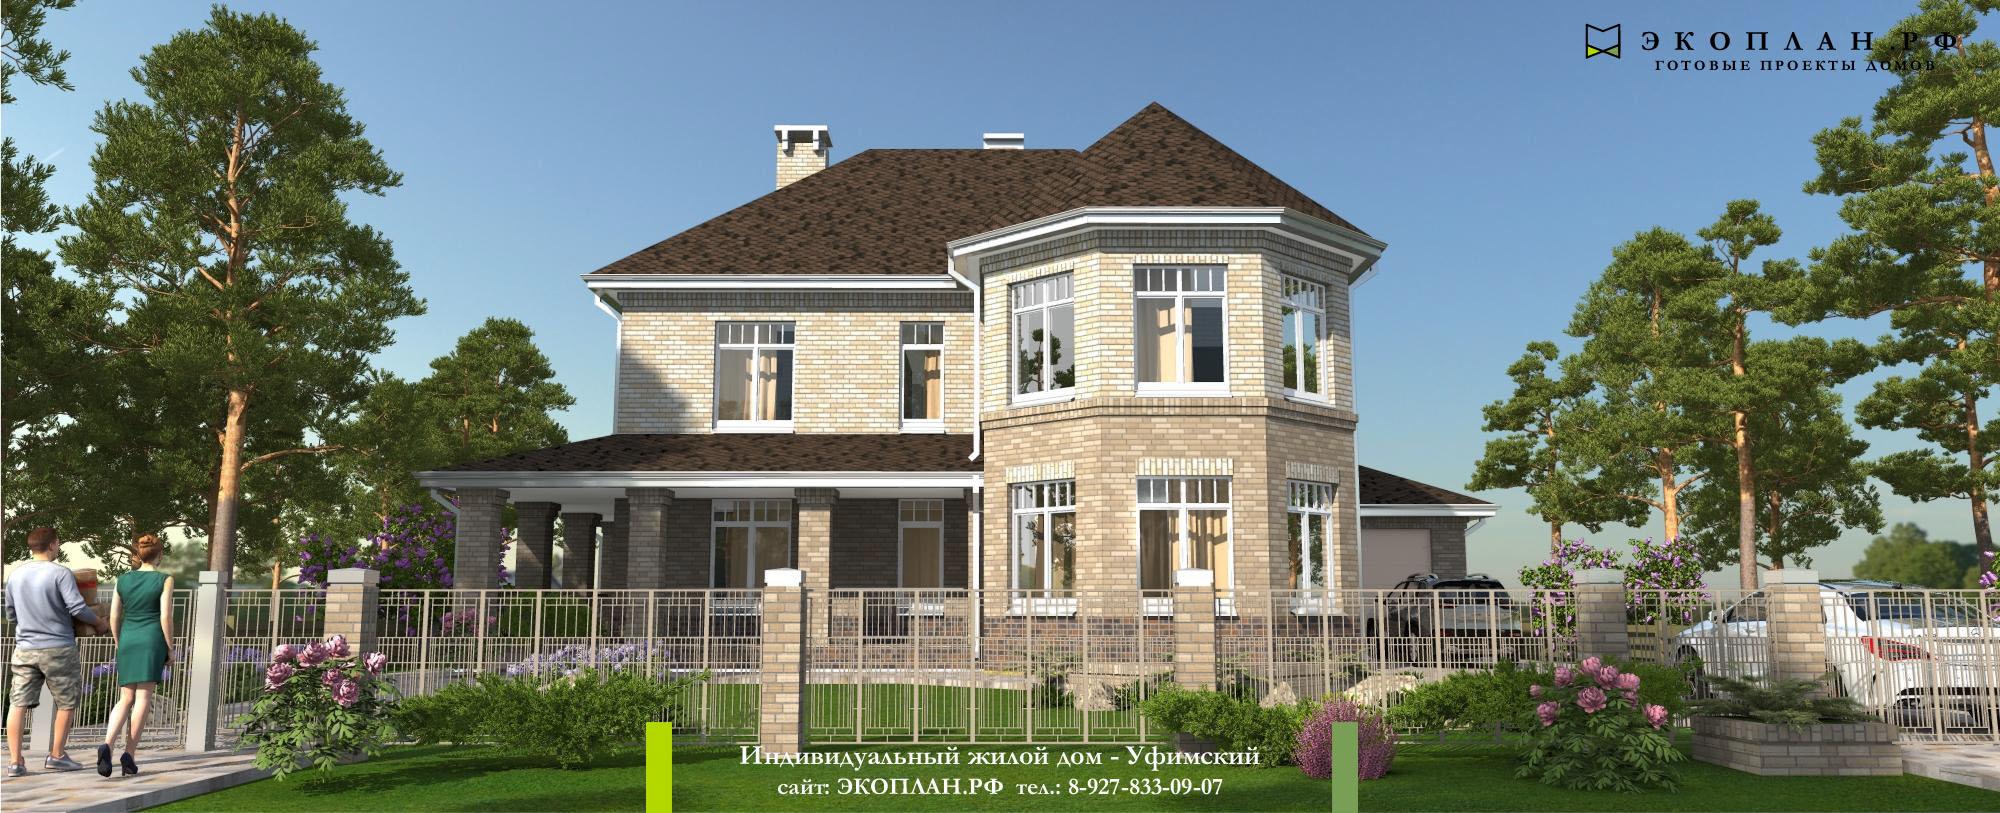 Уфимский - Готовый проект дома - Экоплан фасад